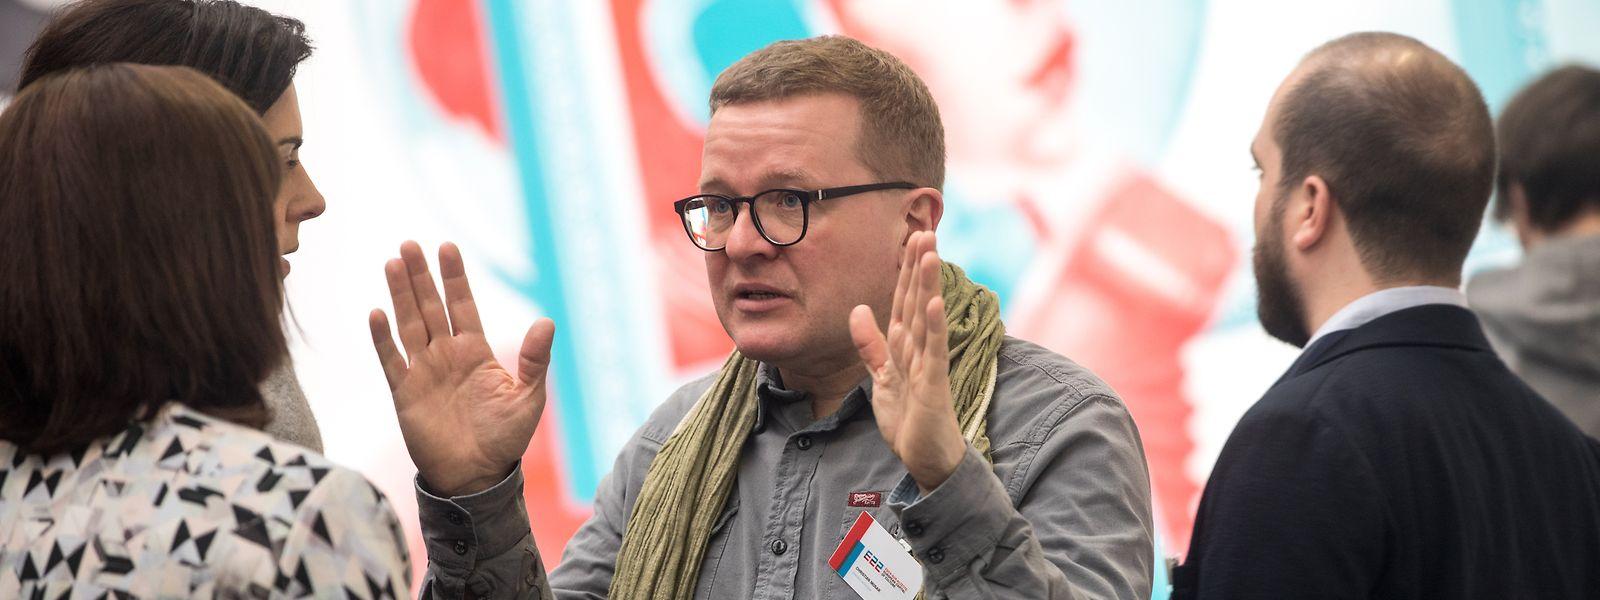 Aucune raison n'a été avancée pour expliquer le retrait de Christian Mosar de son poste de directeur artistique